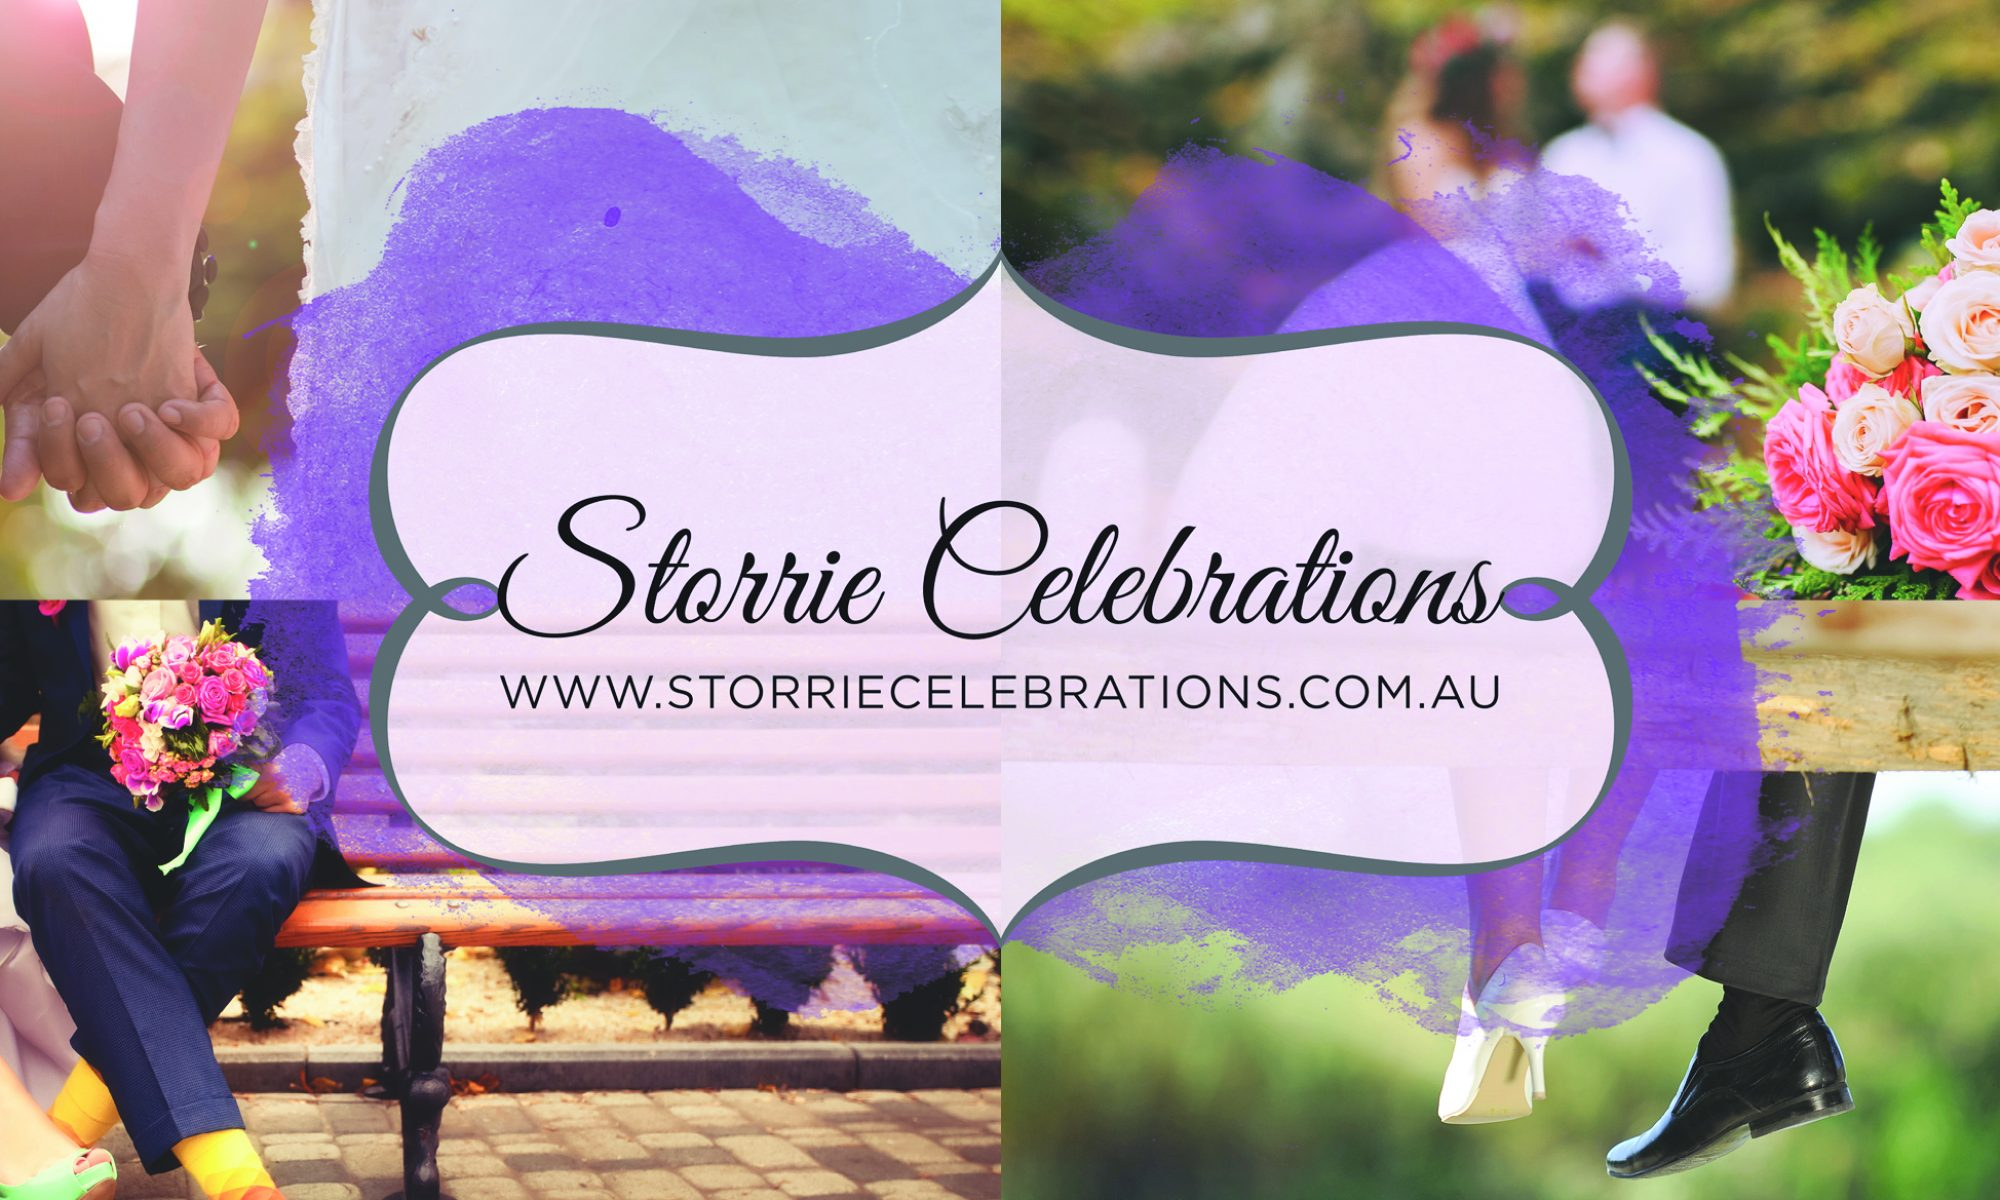 Storrie Celebrations